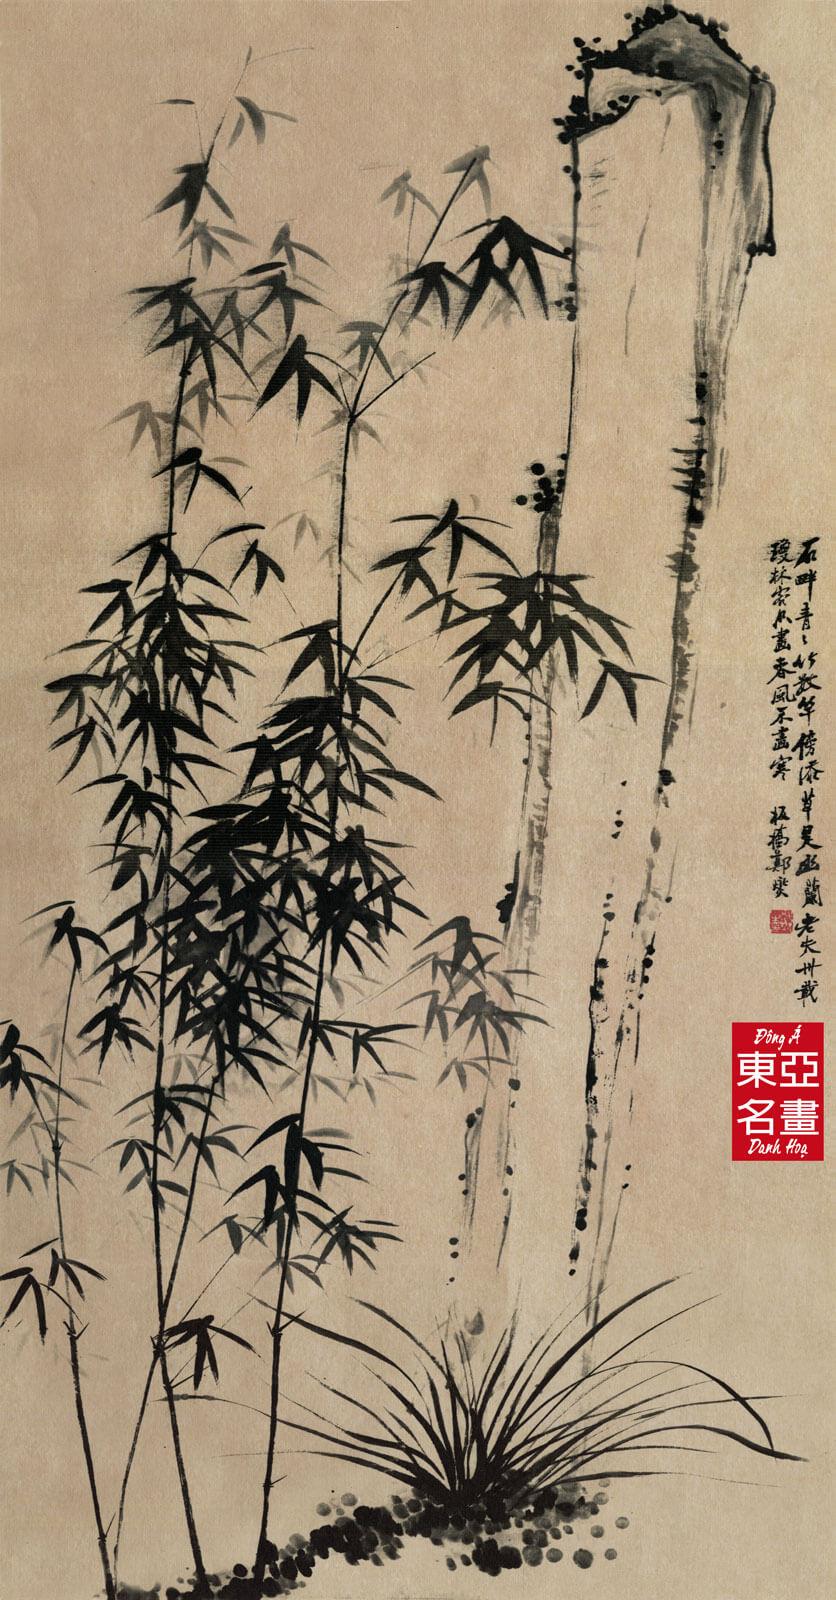 Trinh-Ban-Kieu—Lan-Truc-Do